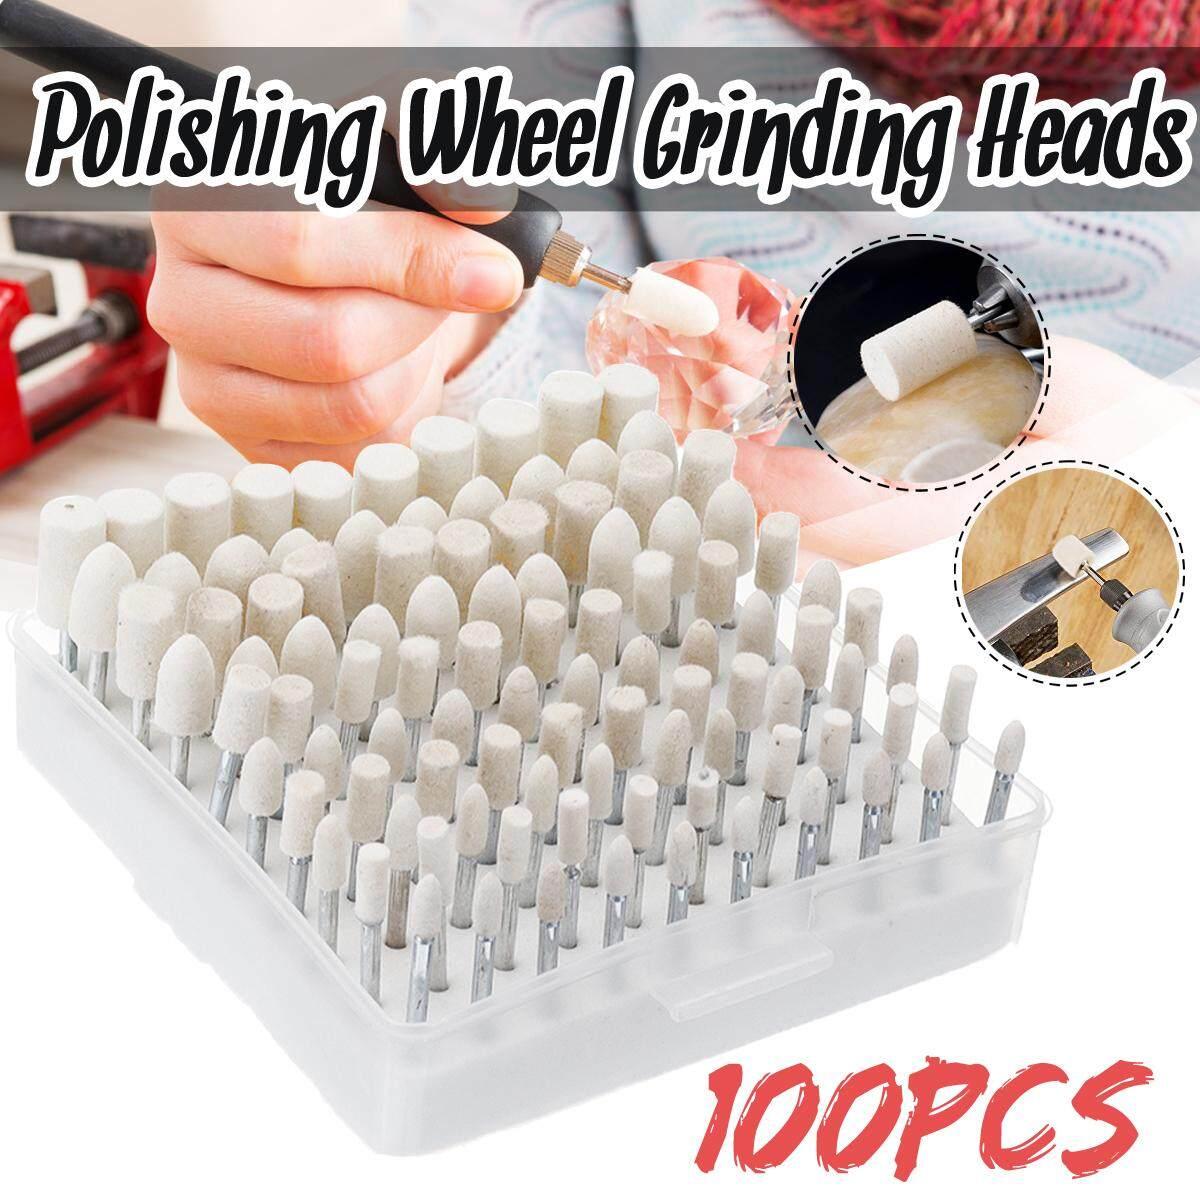 100 Chiếc Len Mài Đầu Đánh Bóng Hơi Đa Năng 3mm Vít 4-12mm Đầu